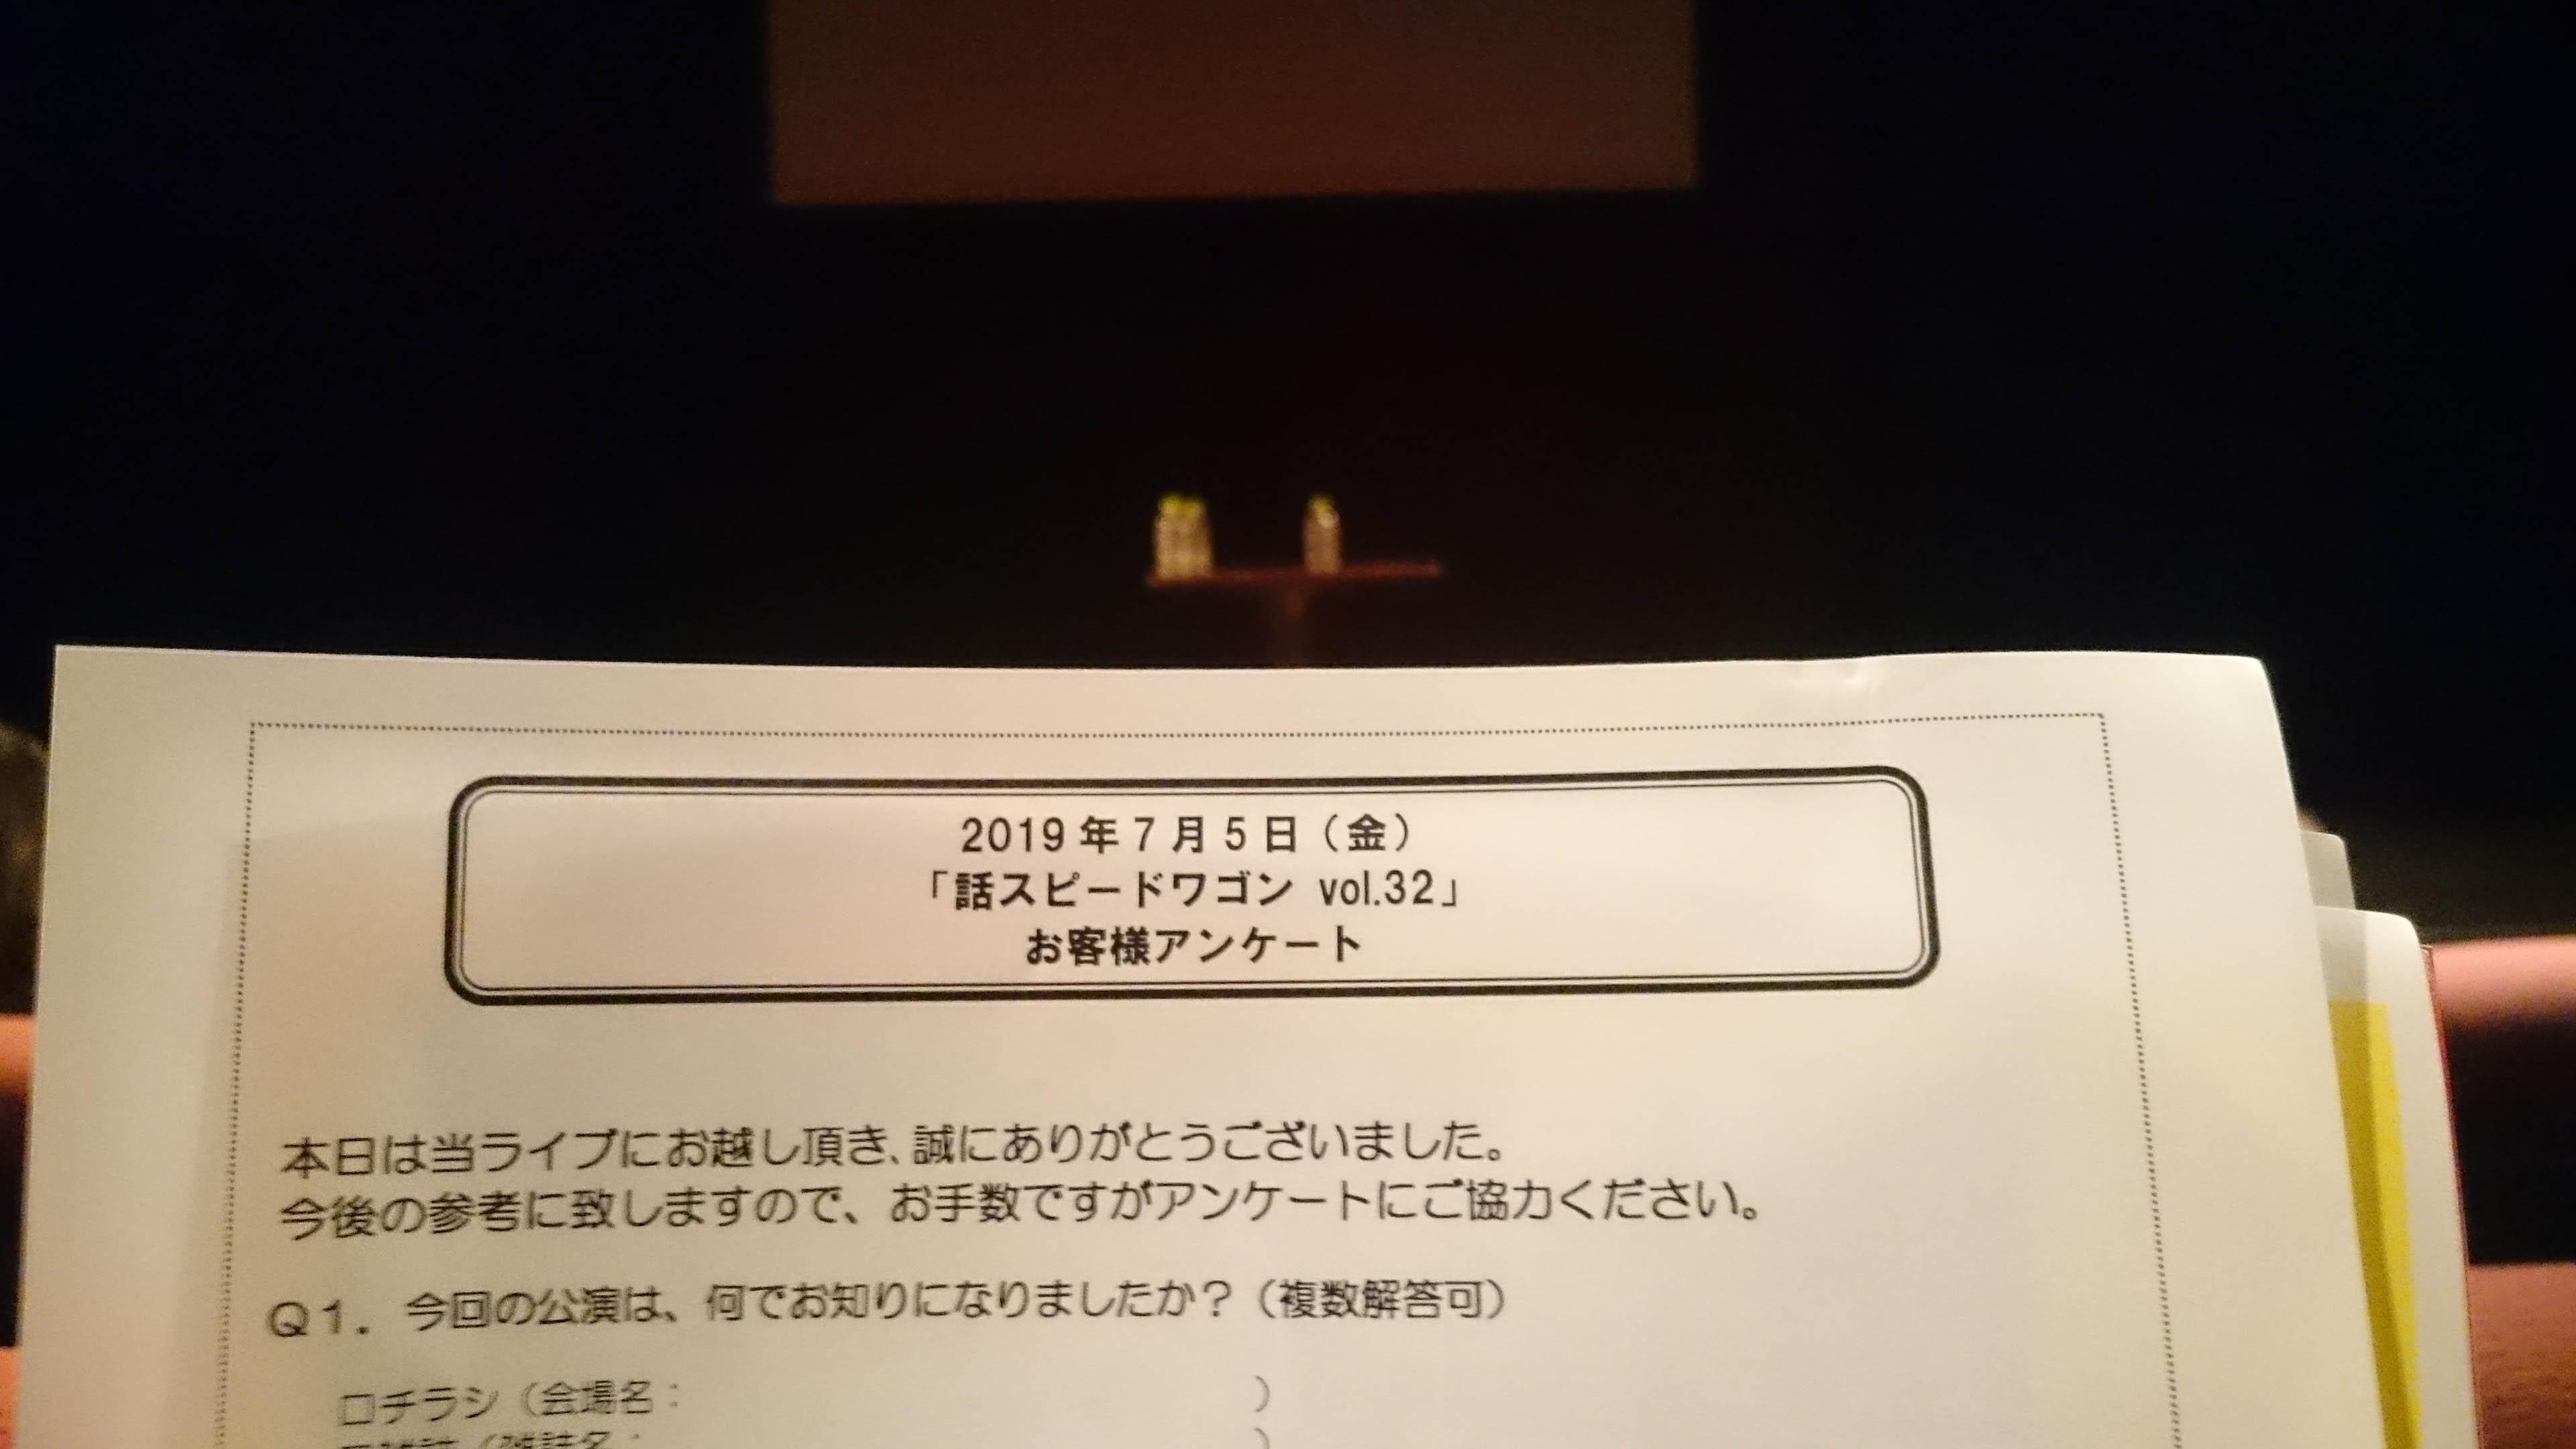 【スピードワゴン】「話スピードワゴンvol.32」ゲスト:次長課長~ライブレポ!?~